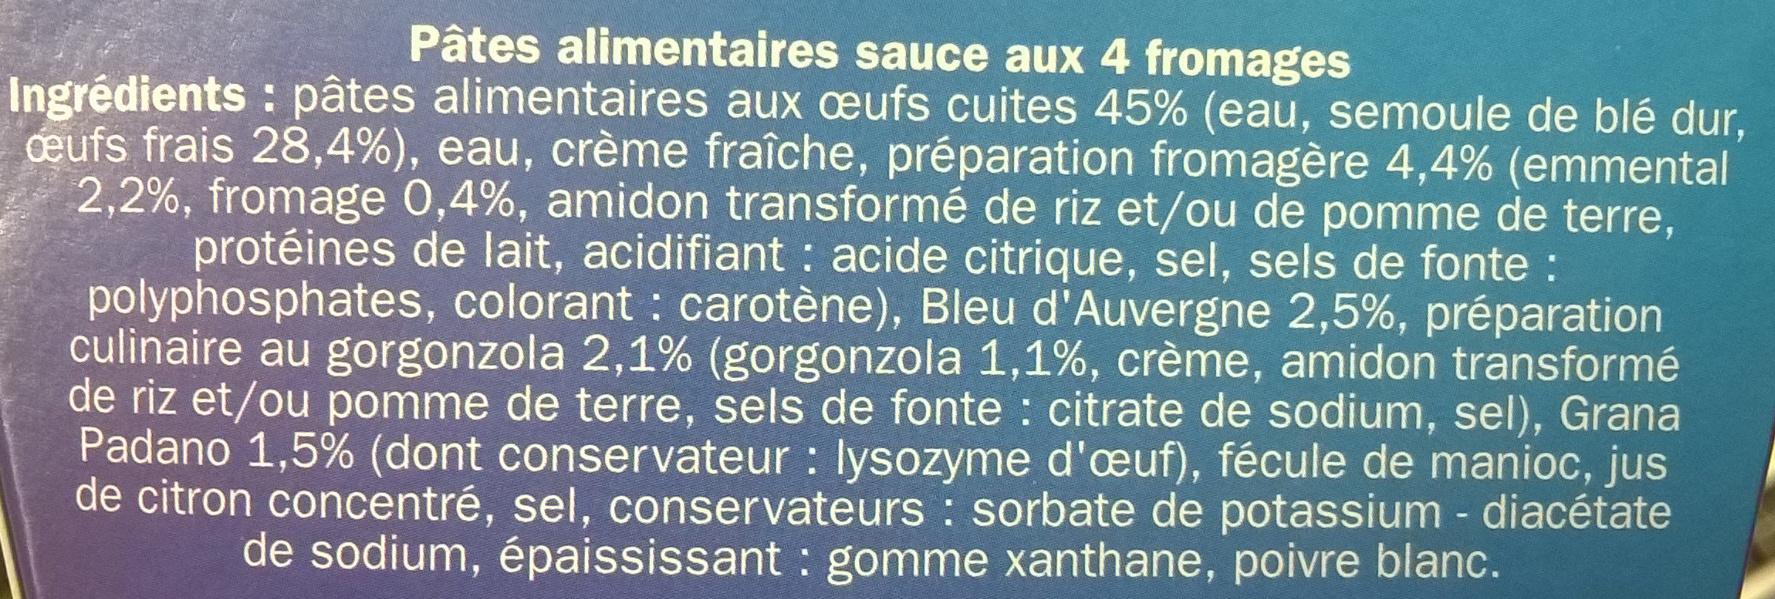 Radiatori aux 4 fromages - Ingrédients - fr